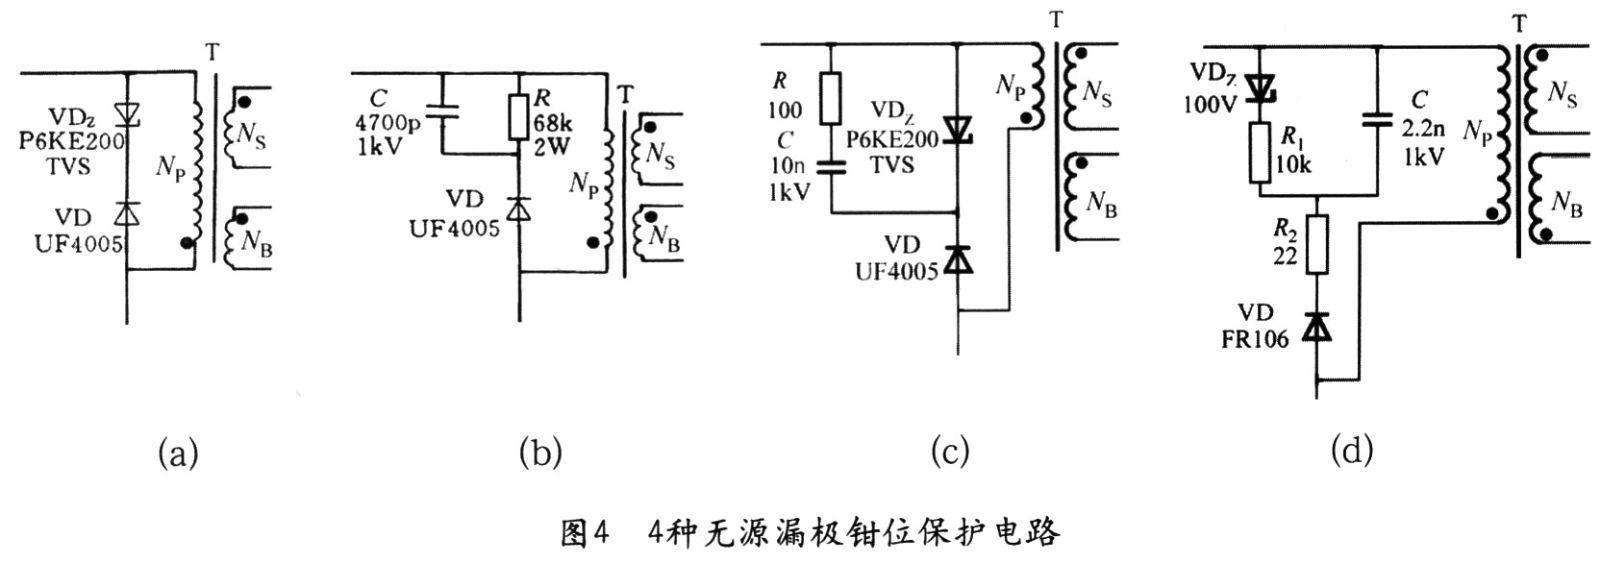 (1)利用瞬态电压抑制器TVS(P6KE200) 和阻塞二极管(超陕恢复二极管UF4005) 组成的TVS、VD型钳位电路,如(a)图所示。图中的Np、NS和NB分别代表一次绕组、二次绕组和偏置绕组。但也有的开关电源用反馈绕组NF来代替偏置绕组NB。 (2)利用阻容吸收元件和阻塞二极管组成的R、C、VD型钳位电路,如(b)图所示。 (3)由阻容吸收元件、TVS和阻塞二极管构成的R、C、TVS、VD型钳位电路,如(c)图所示。 (4)由稳压管(VDZ)、阻容吸收元件和阻塞二极管(快恢复二极管FRD)构成的